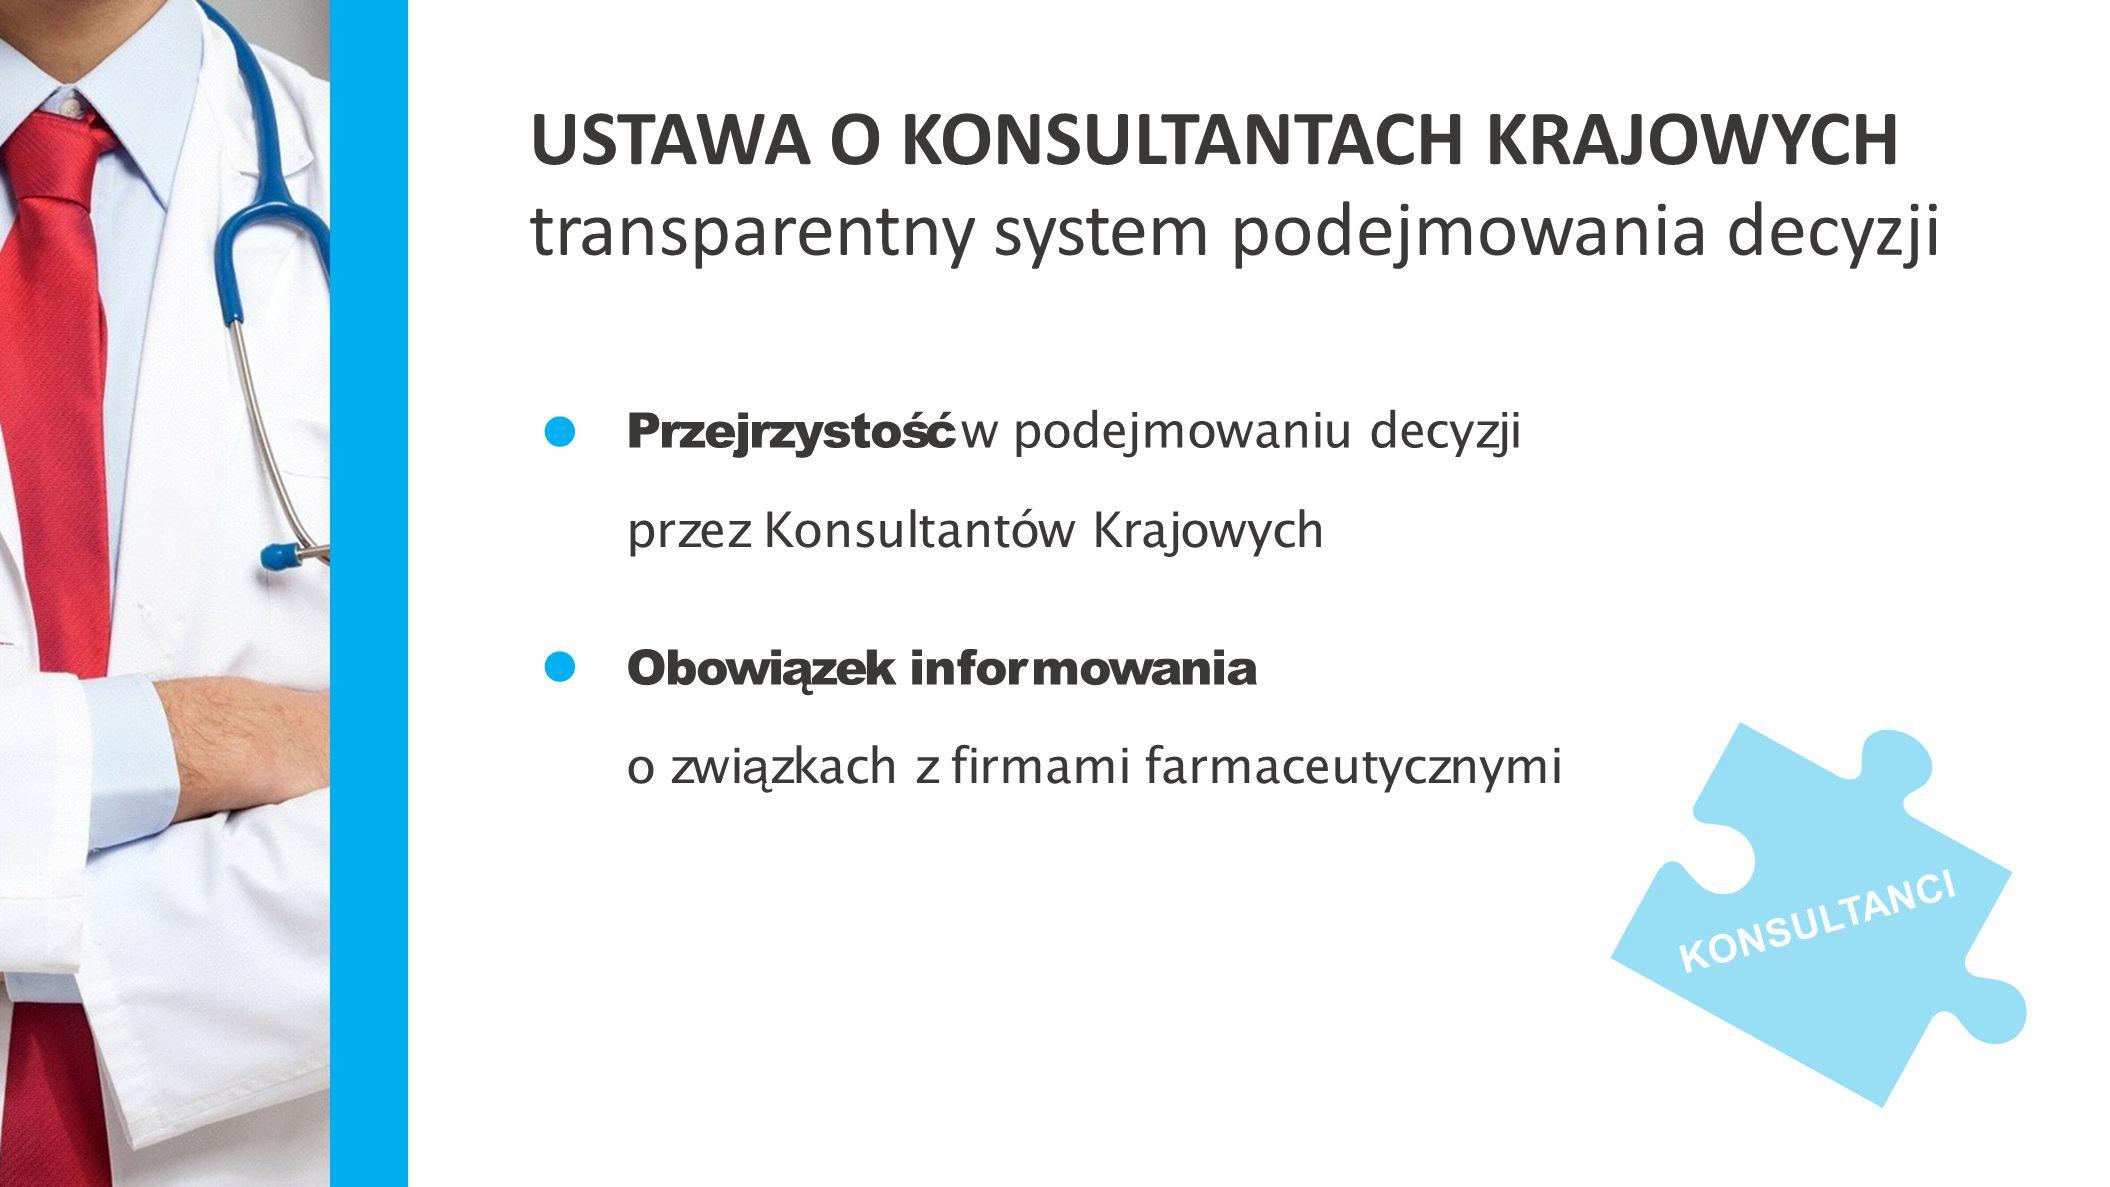 USTAWA O KONSULTANTACH KRAJOWYCH transparentny system podejmowania decyzji KONSULTANCI Przejrzystość w podejmowaniu decyzji przez Konsultantów Krajowy